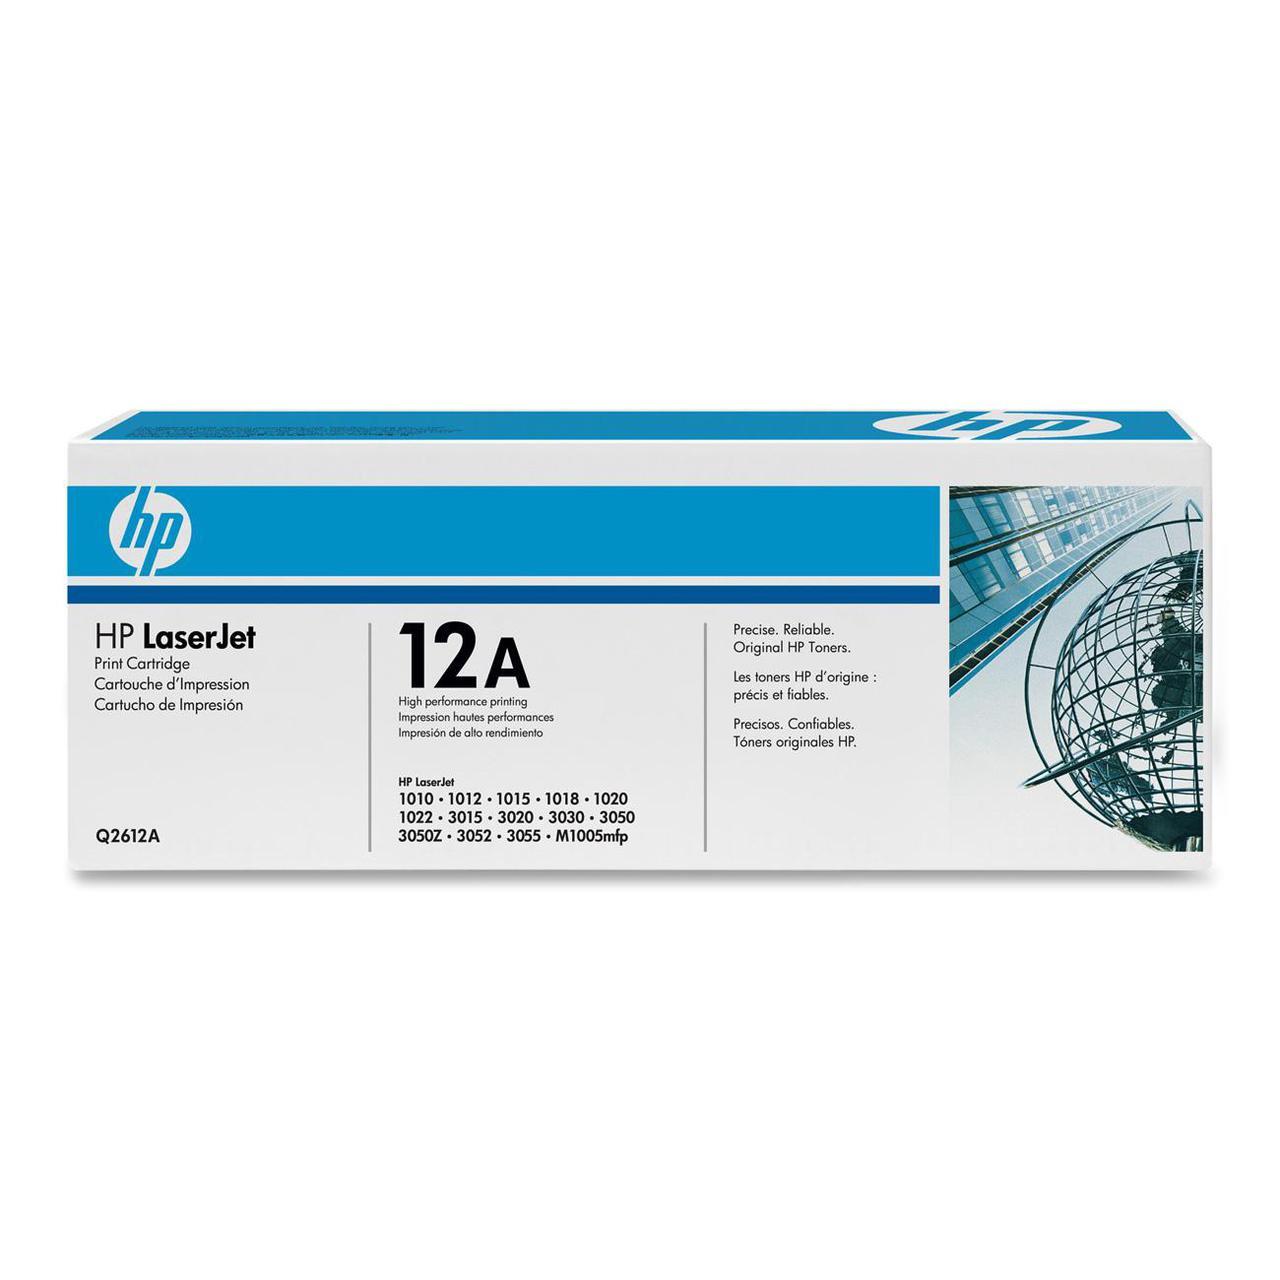 HP 1022 3030 Toner Cartridge - New